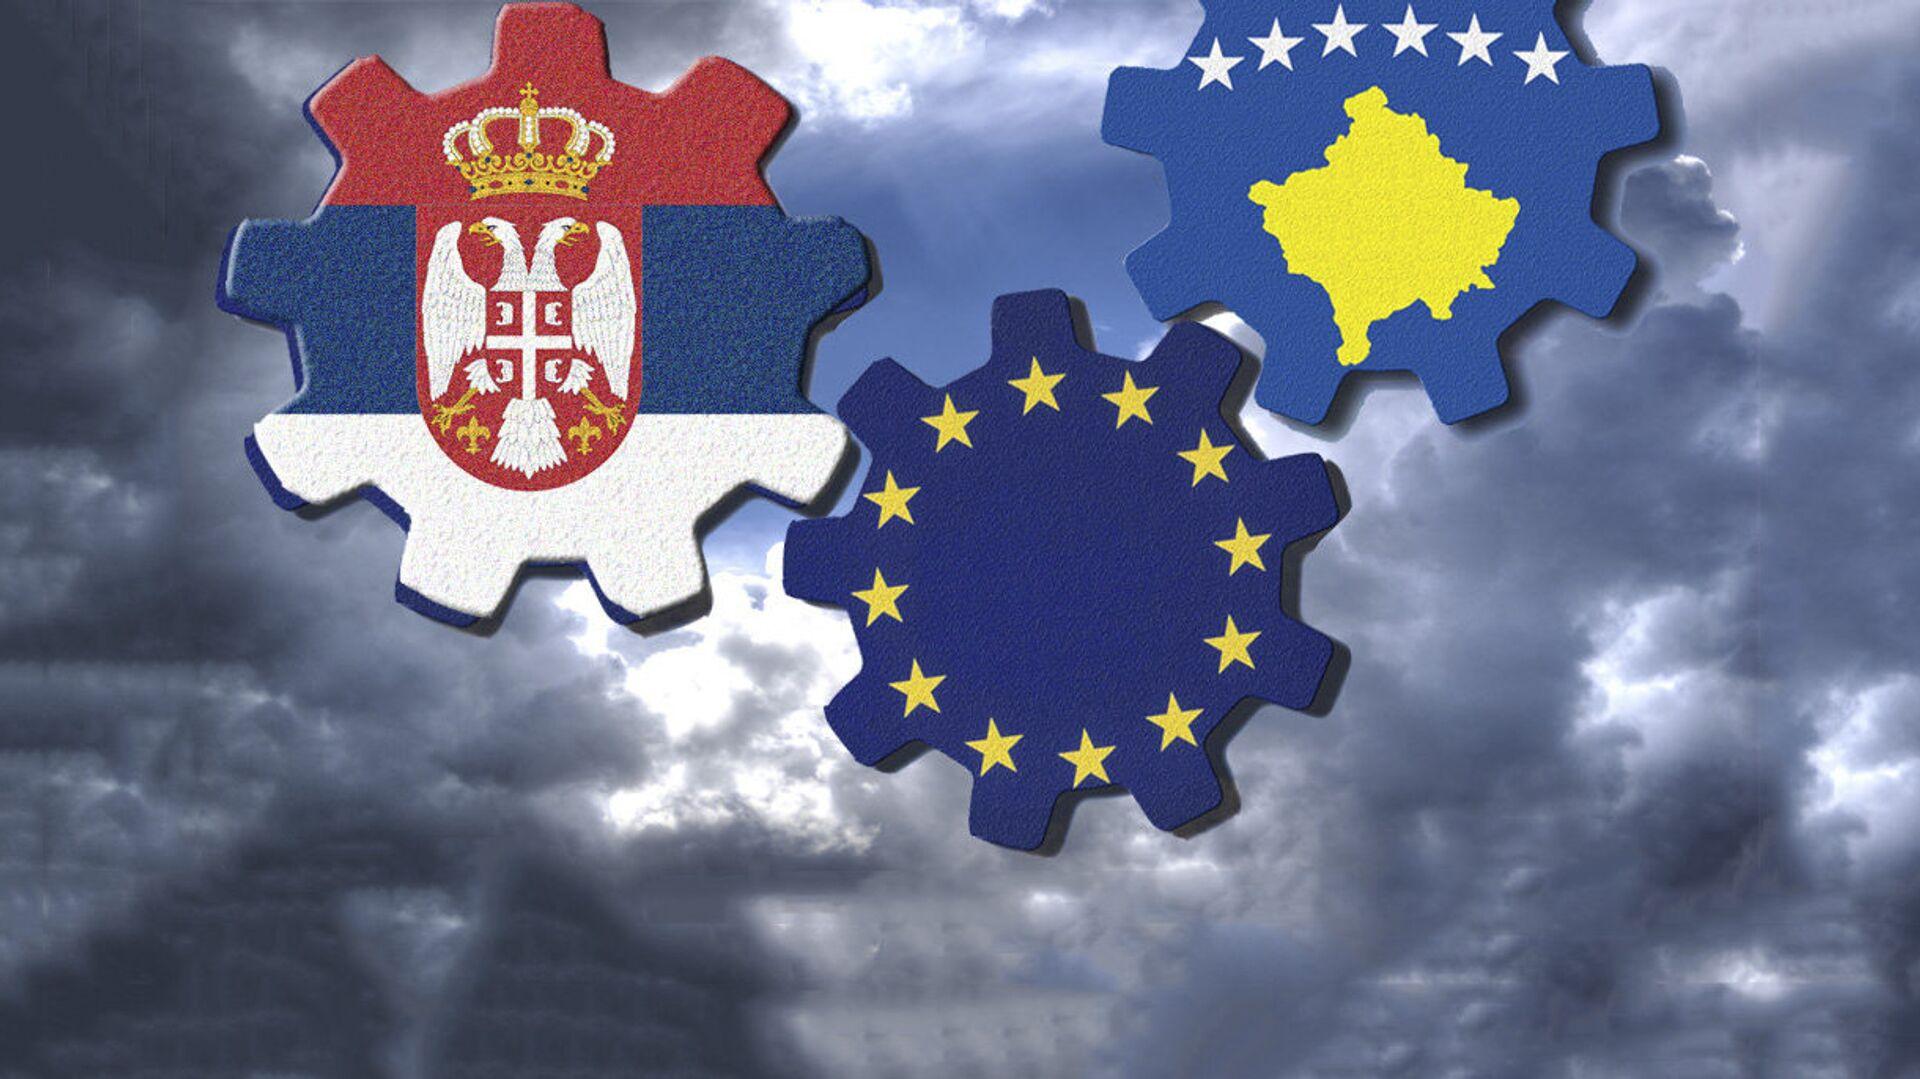 Србија, непризнато Косово и ЕУ - илустрација - Sputnik Србија, 1920, 16.05.2021